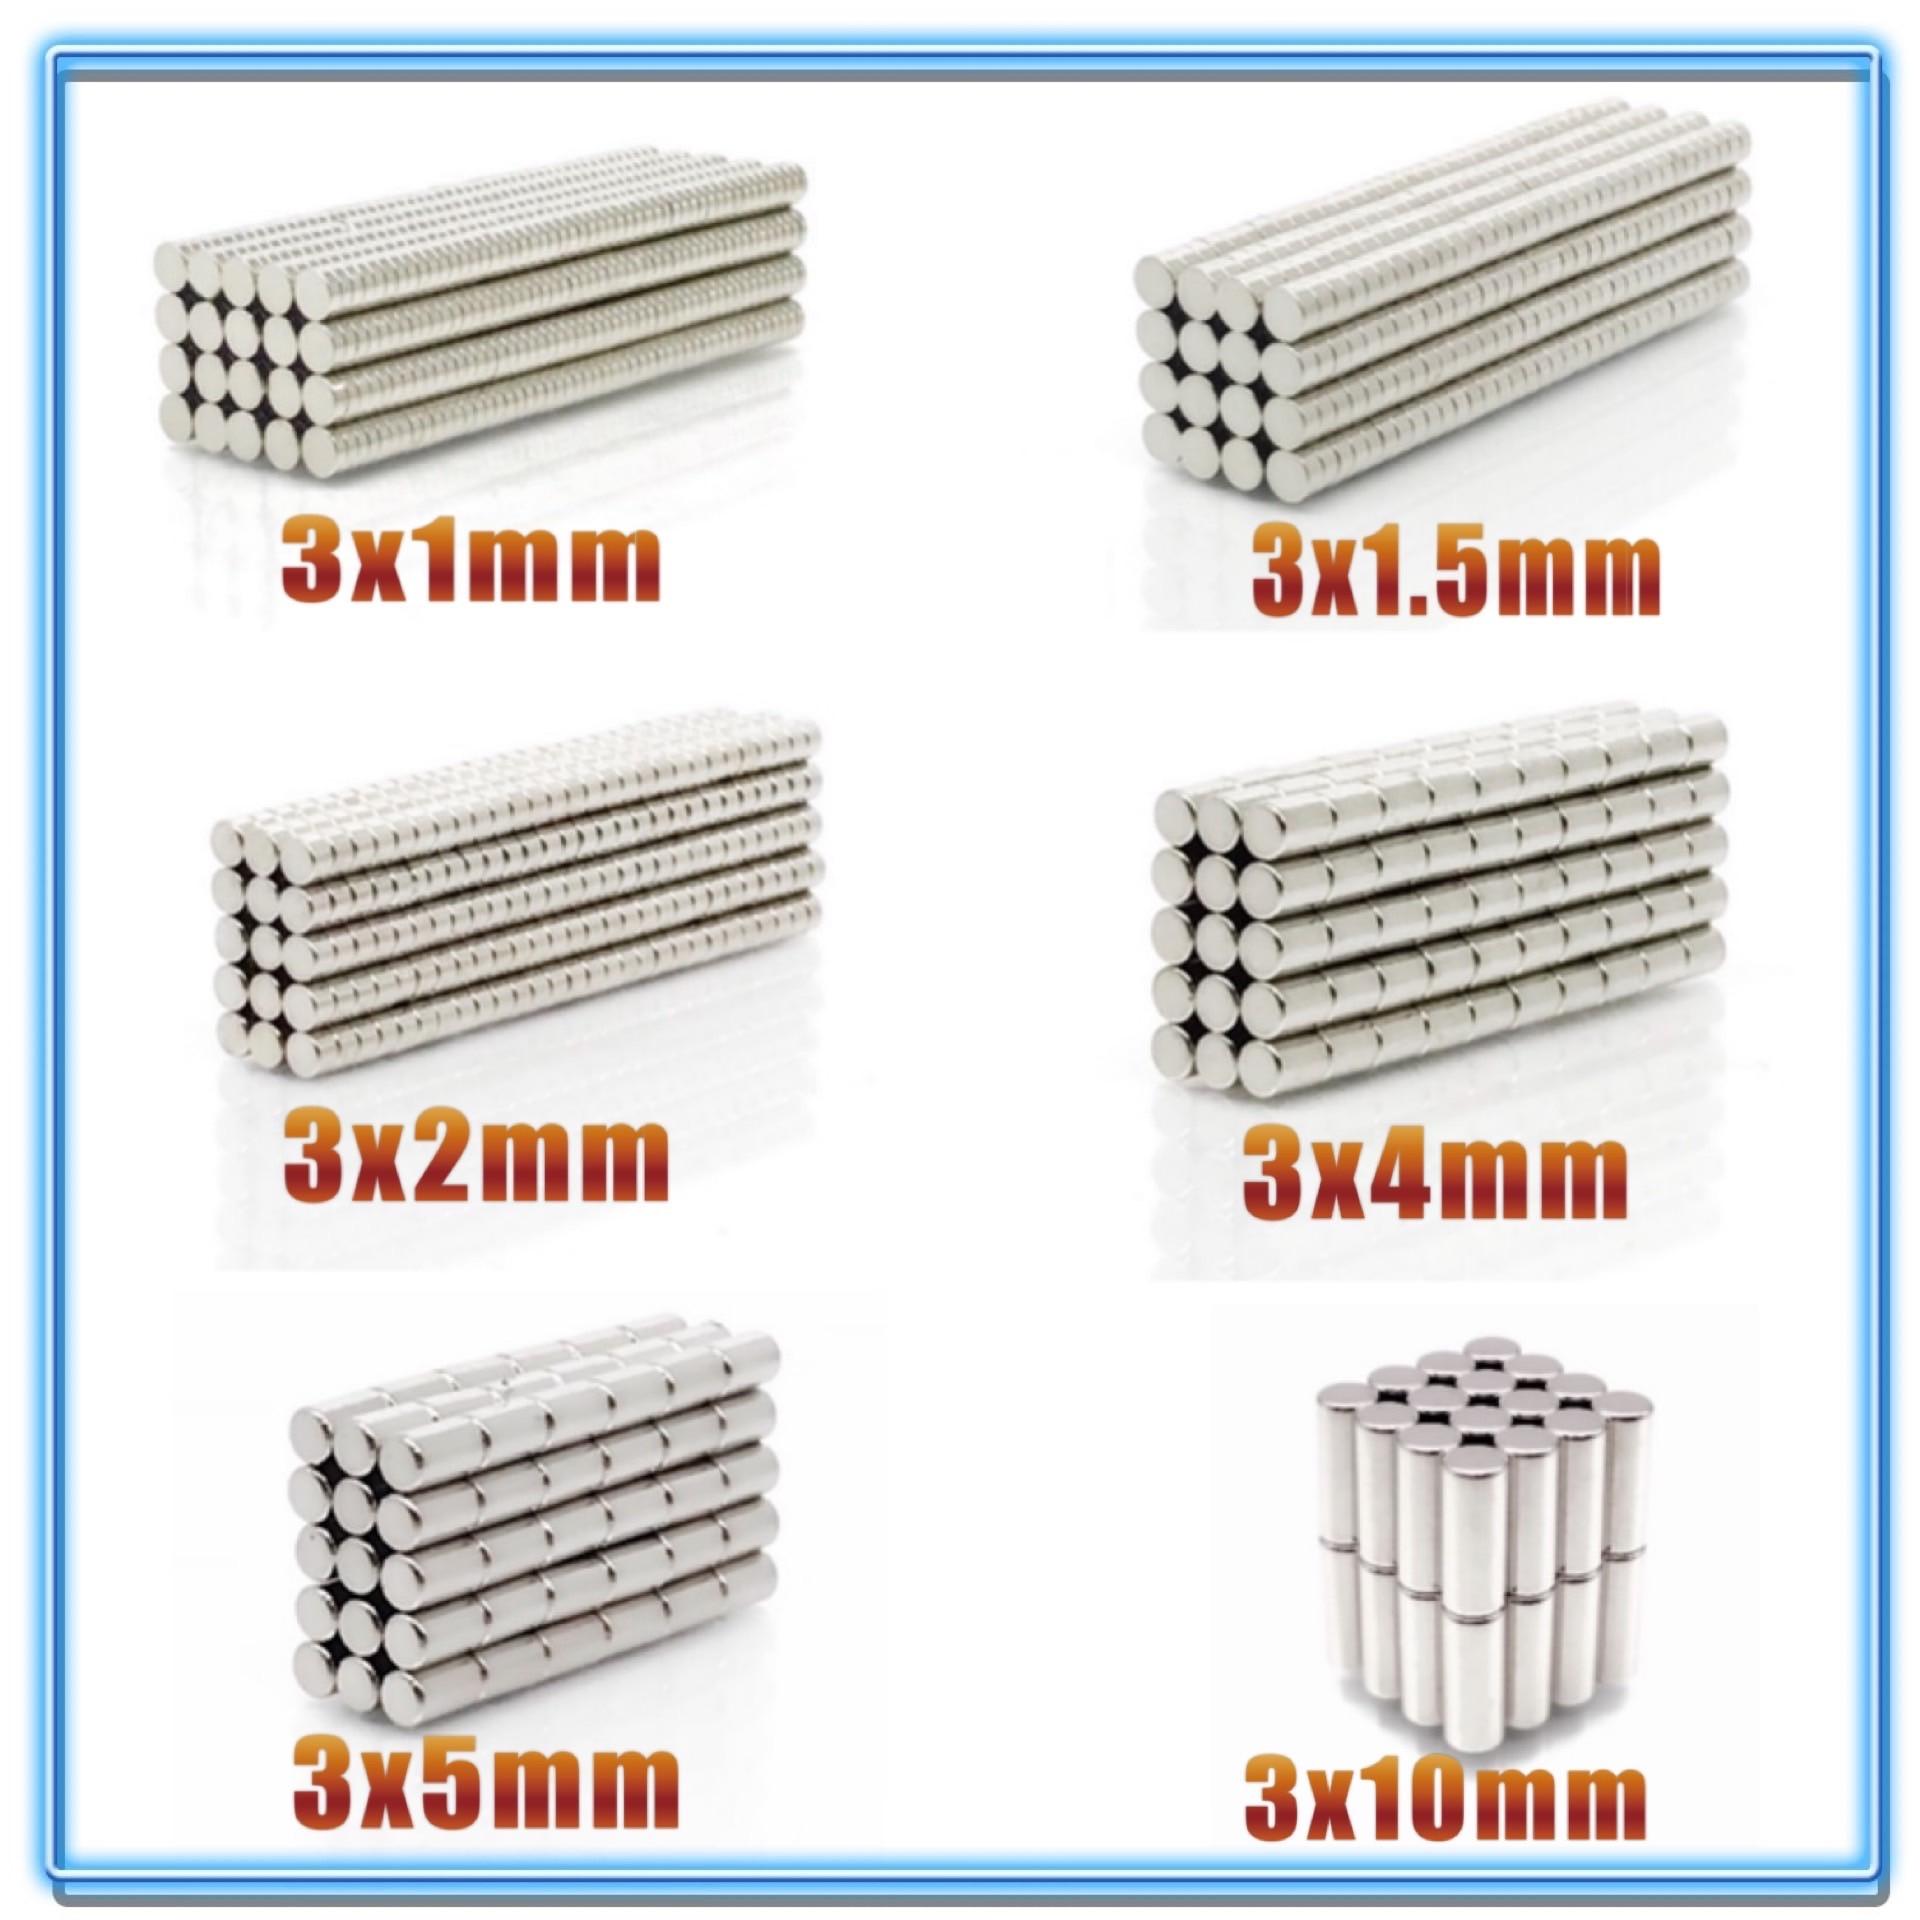 100-~-500-pz-n35-magnete-rotondo-3x1-3x15-3x2-3x4-3x5-3x10-magnete-al-neodimio-permanente-ndfeb-magneti-potenti-super-potenti-3-1-3-2